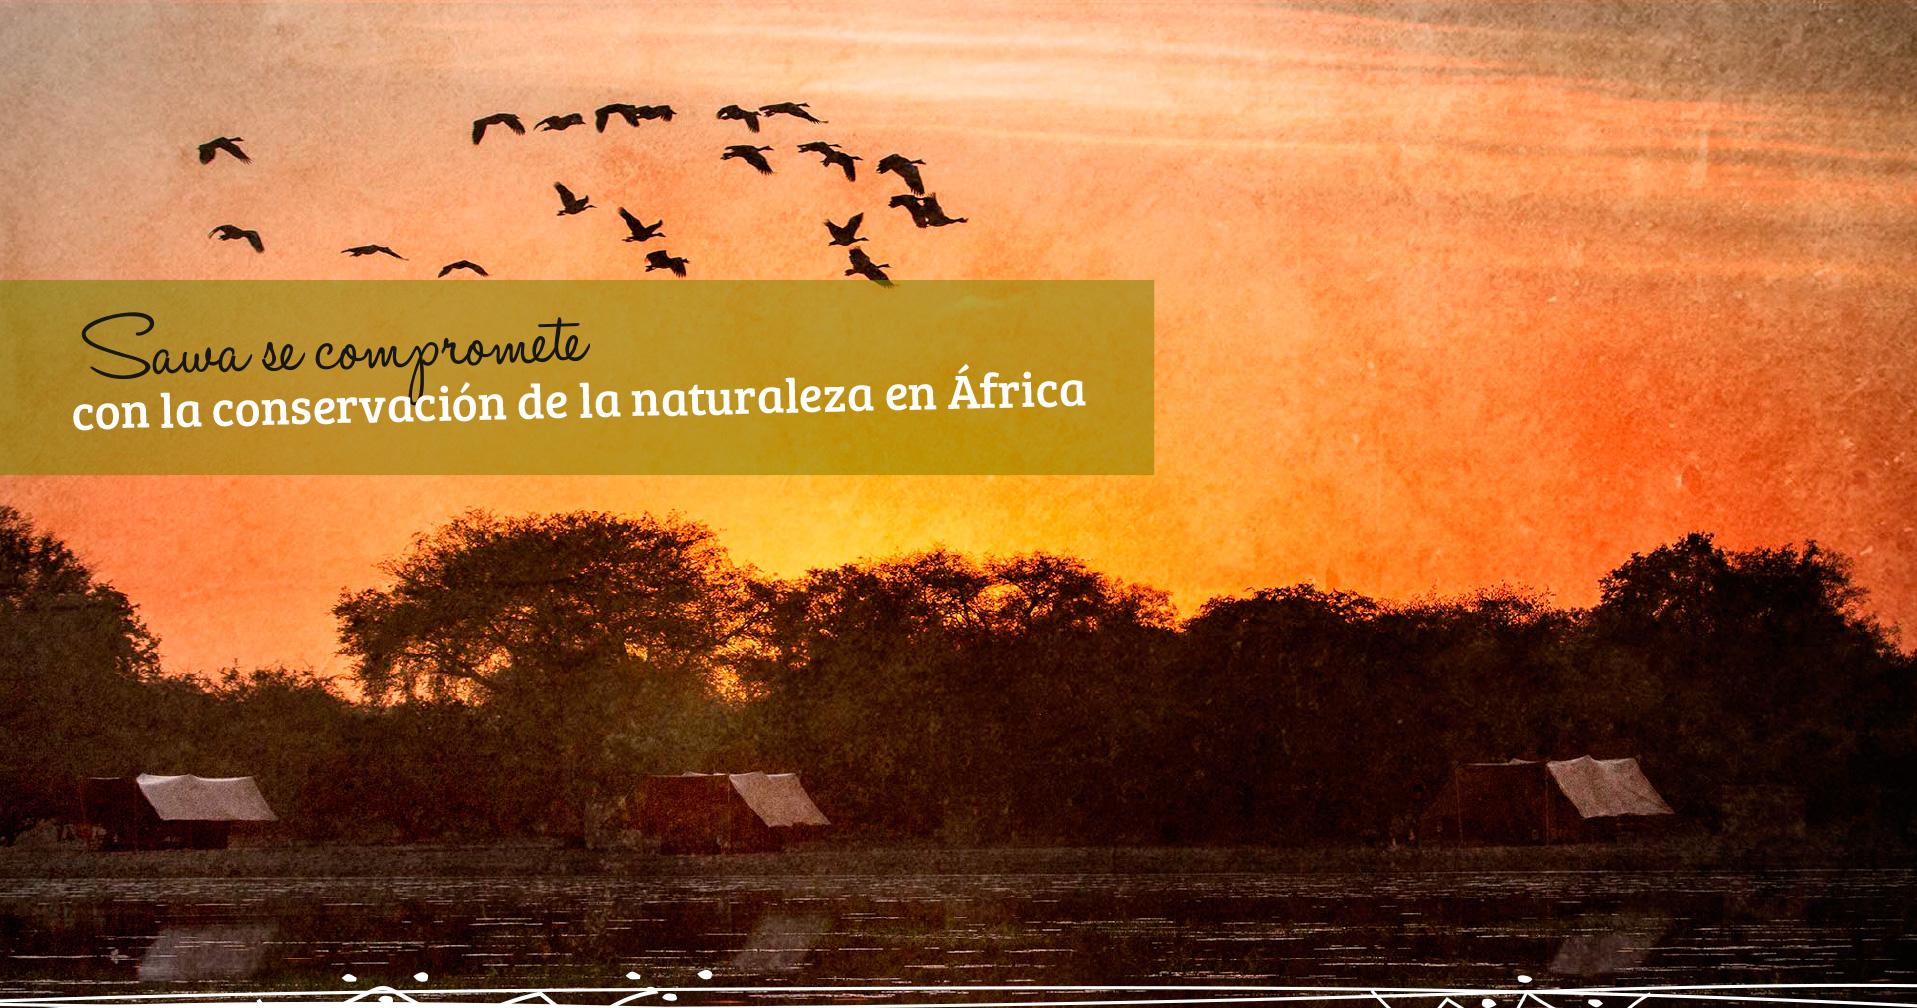 Sawa se compromete con la conservación de la naturaleza en África